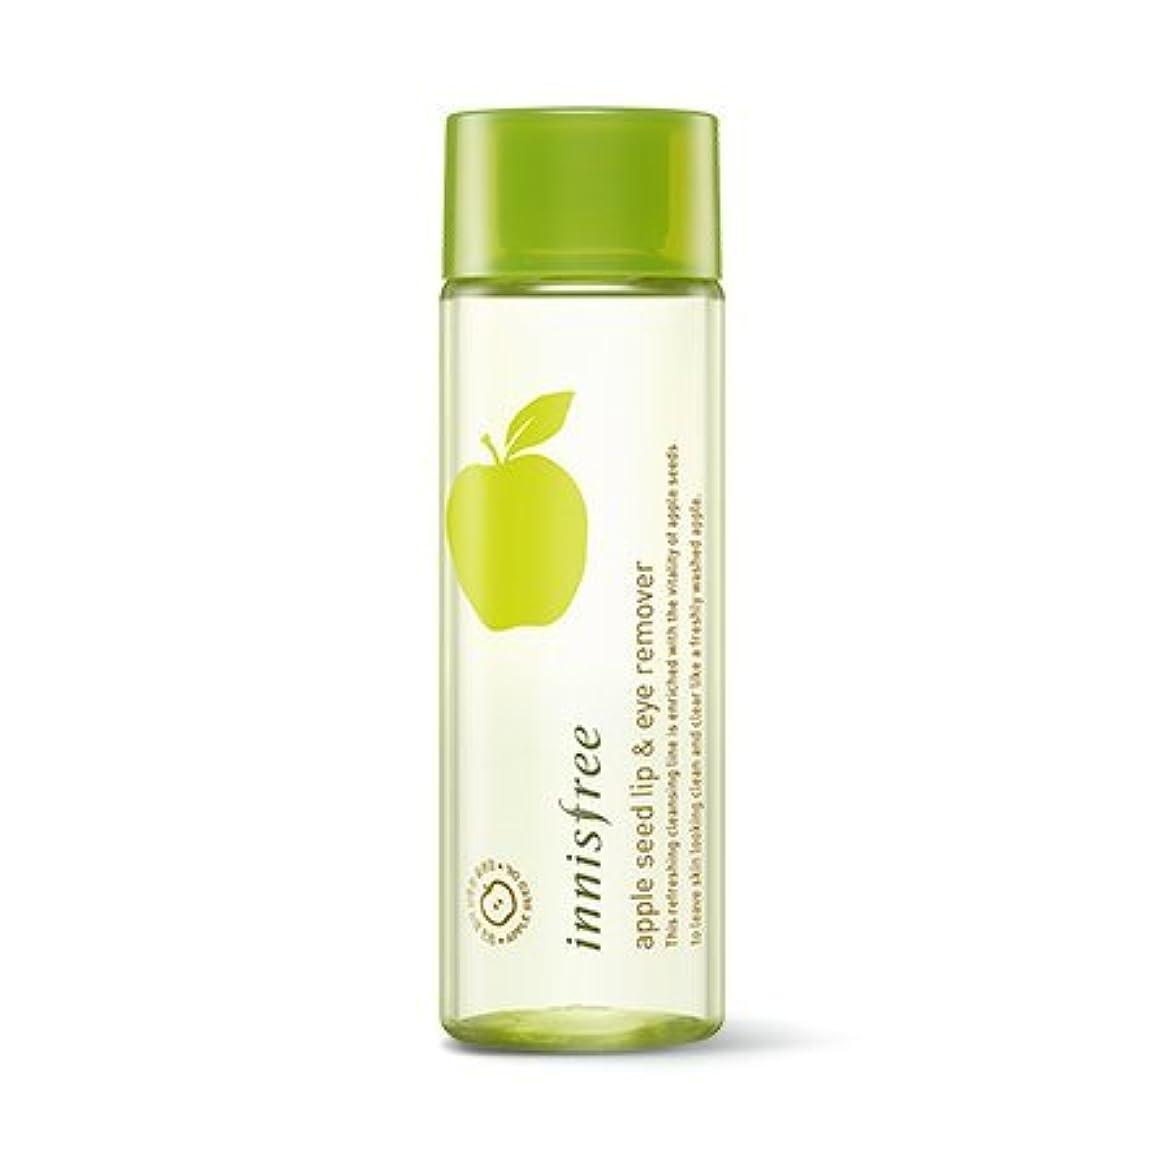 免除する叱る傷つきやすい[New] innisfree Apple Seed Lip & Eye Remover 100ml/イニスフリー アップル シード リップ&アイ リムーバー 100ml